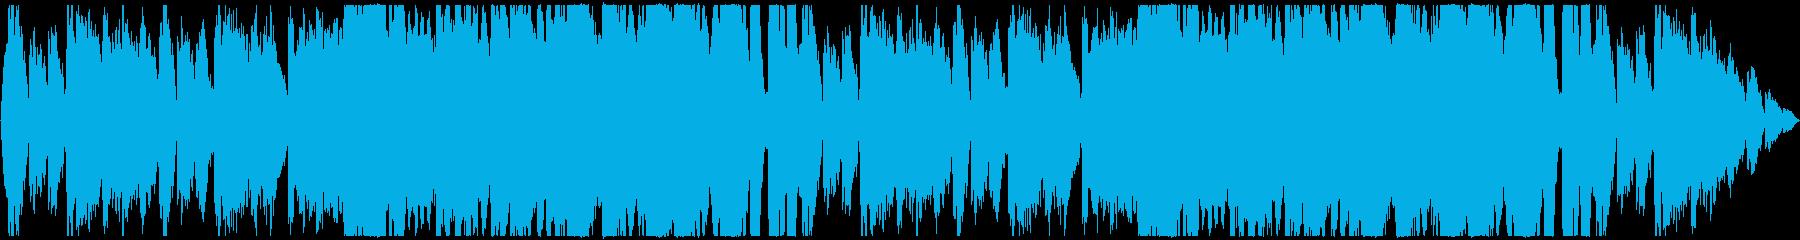 RPG・アニメのサントラ風オーケストラの再生済みの波形